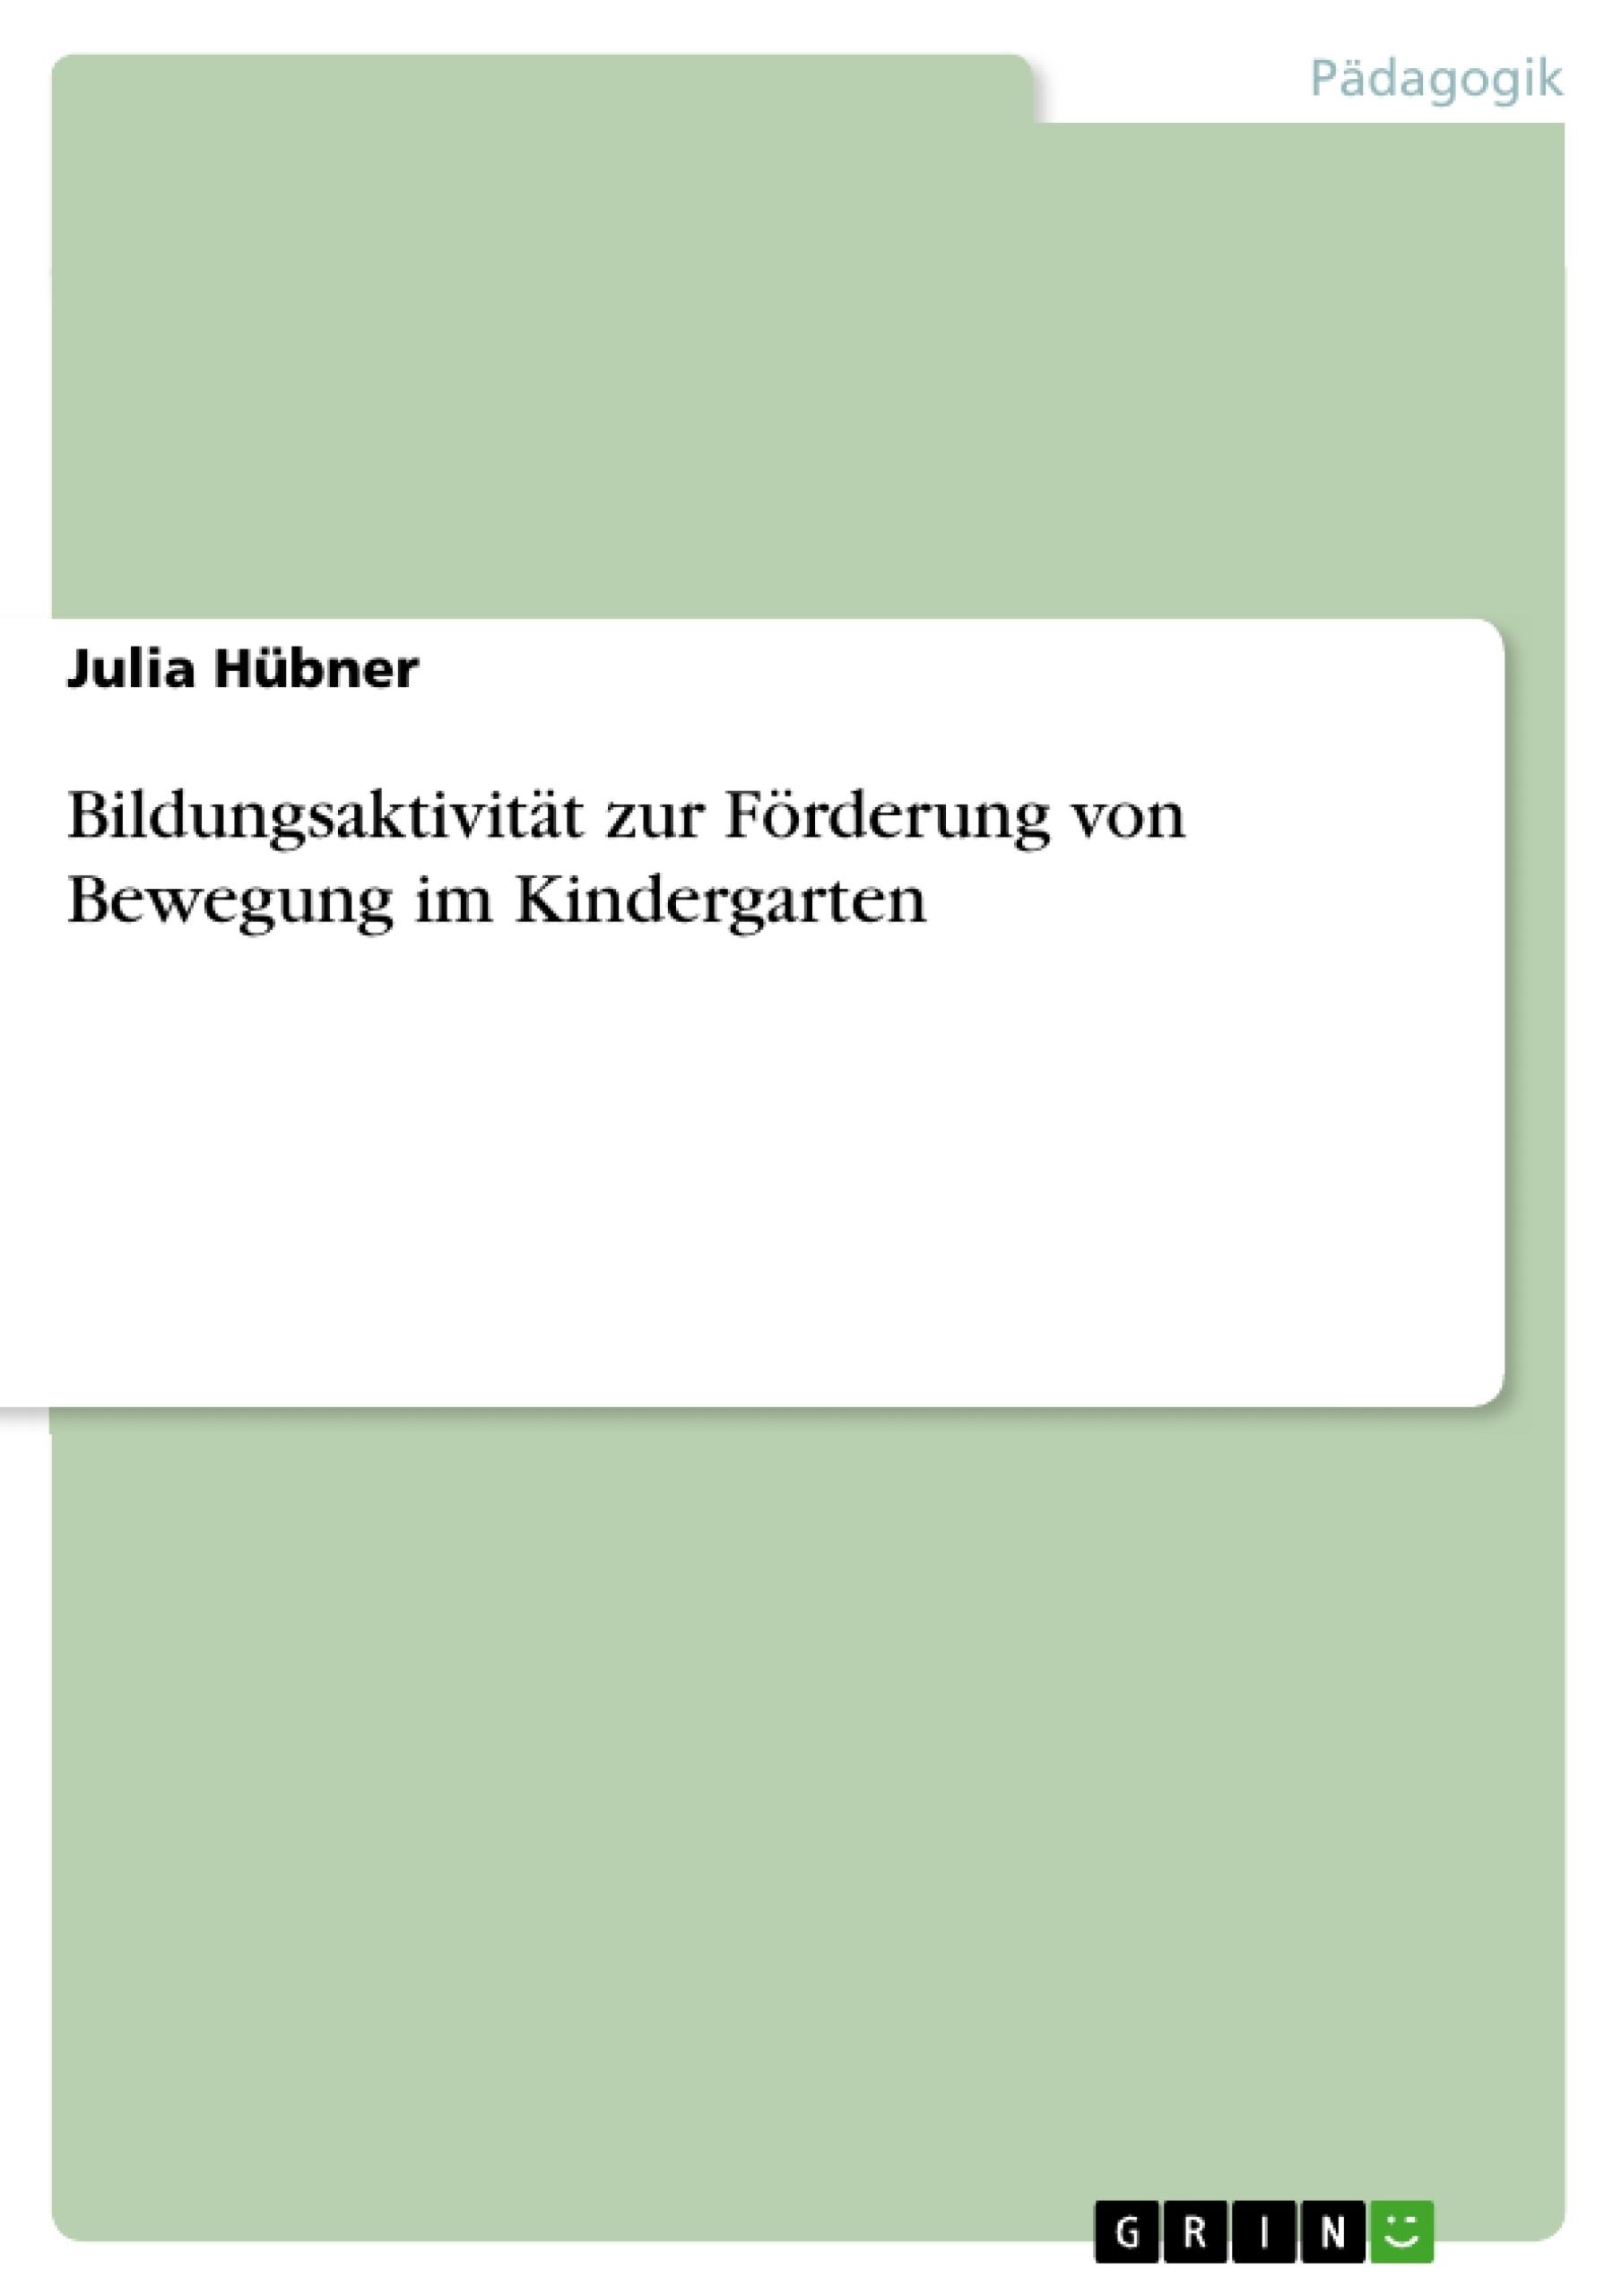 Titel: Bildungsaktivität zur Förderung von Bewegung im Kindergarten